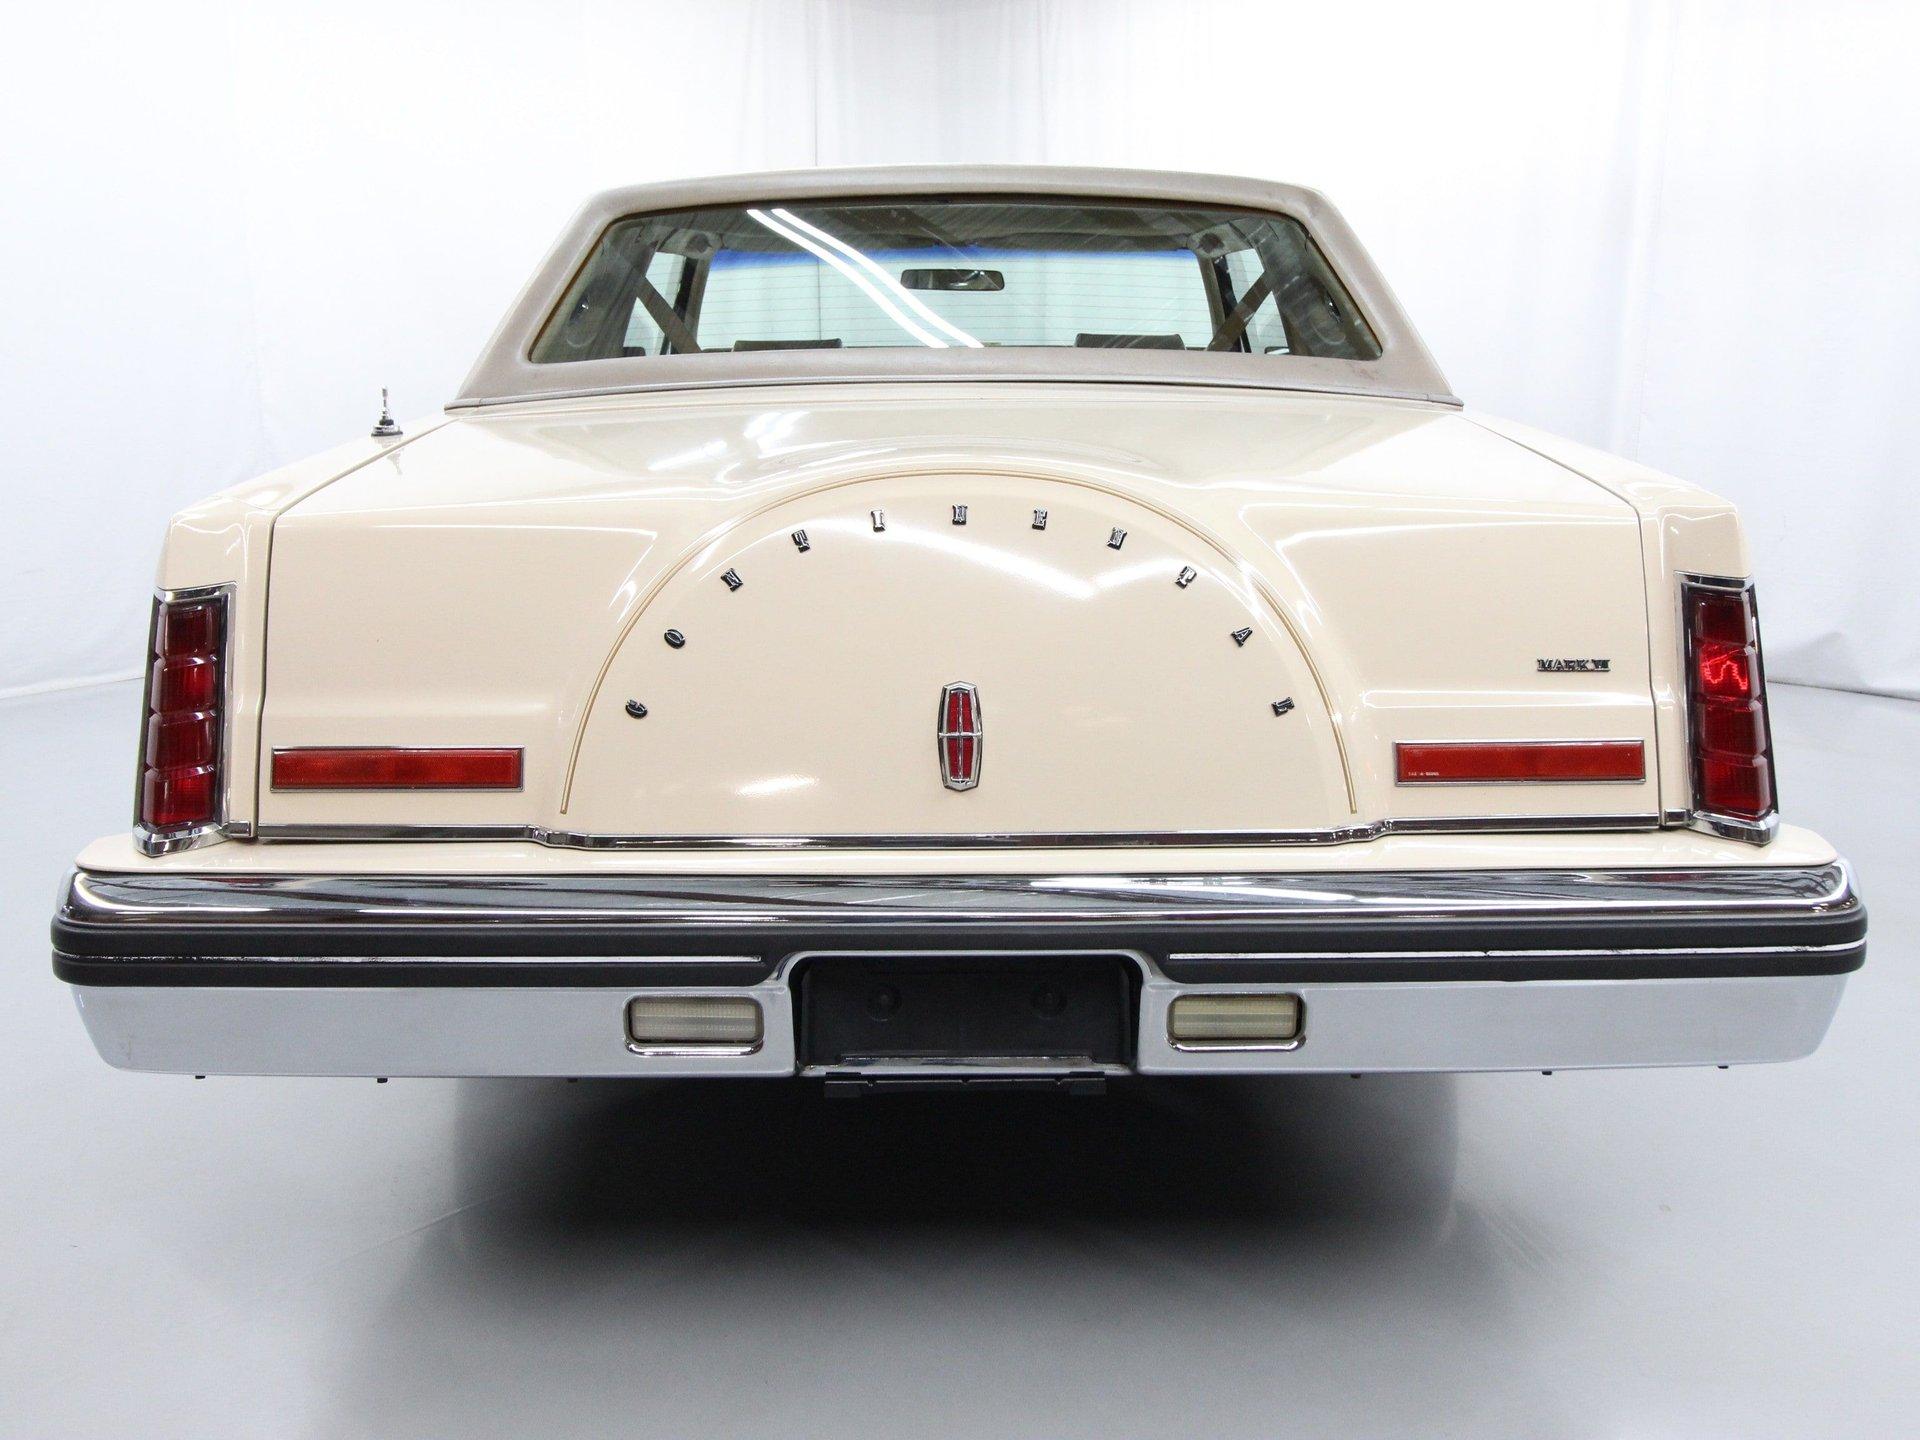 1980 Lincoln Mark VI